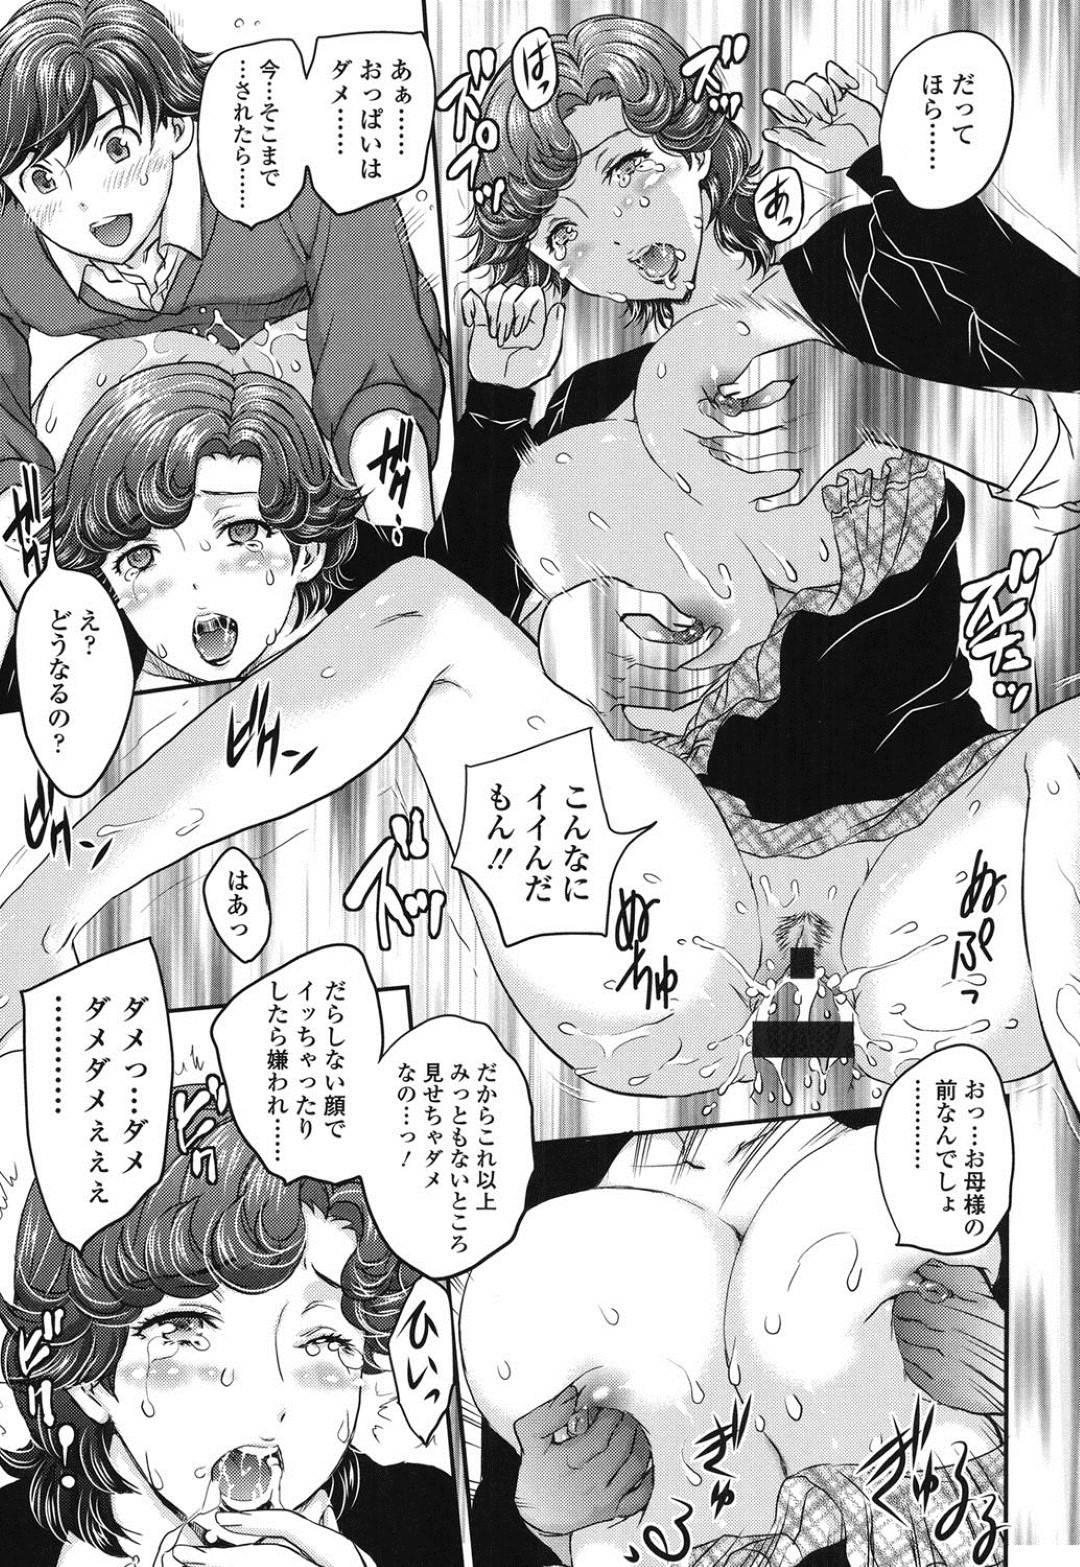 【エロ漫画】自分の写真の前で息子と恋人プレイしちゃう母親…乳首責めされたりバックの中出しセックスでトロ顔に禁断の近親相姦しちゃう!【飛龍乱:ぷらくていす すりー!】